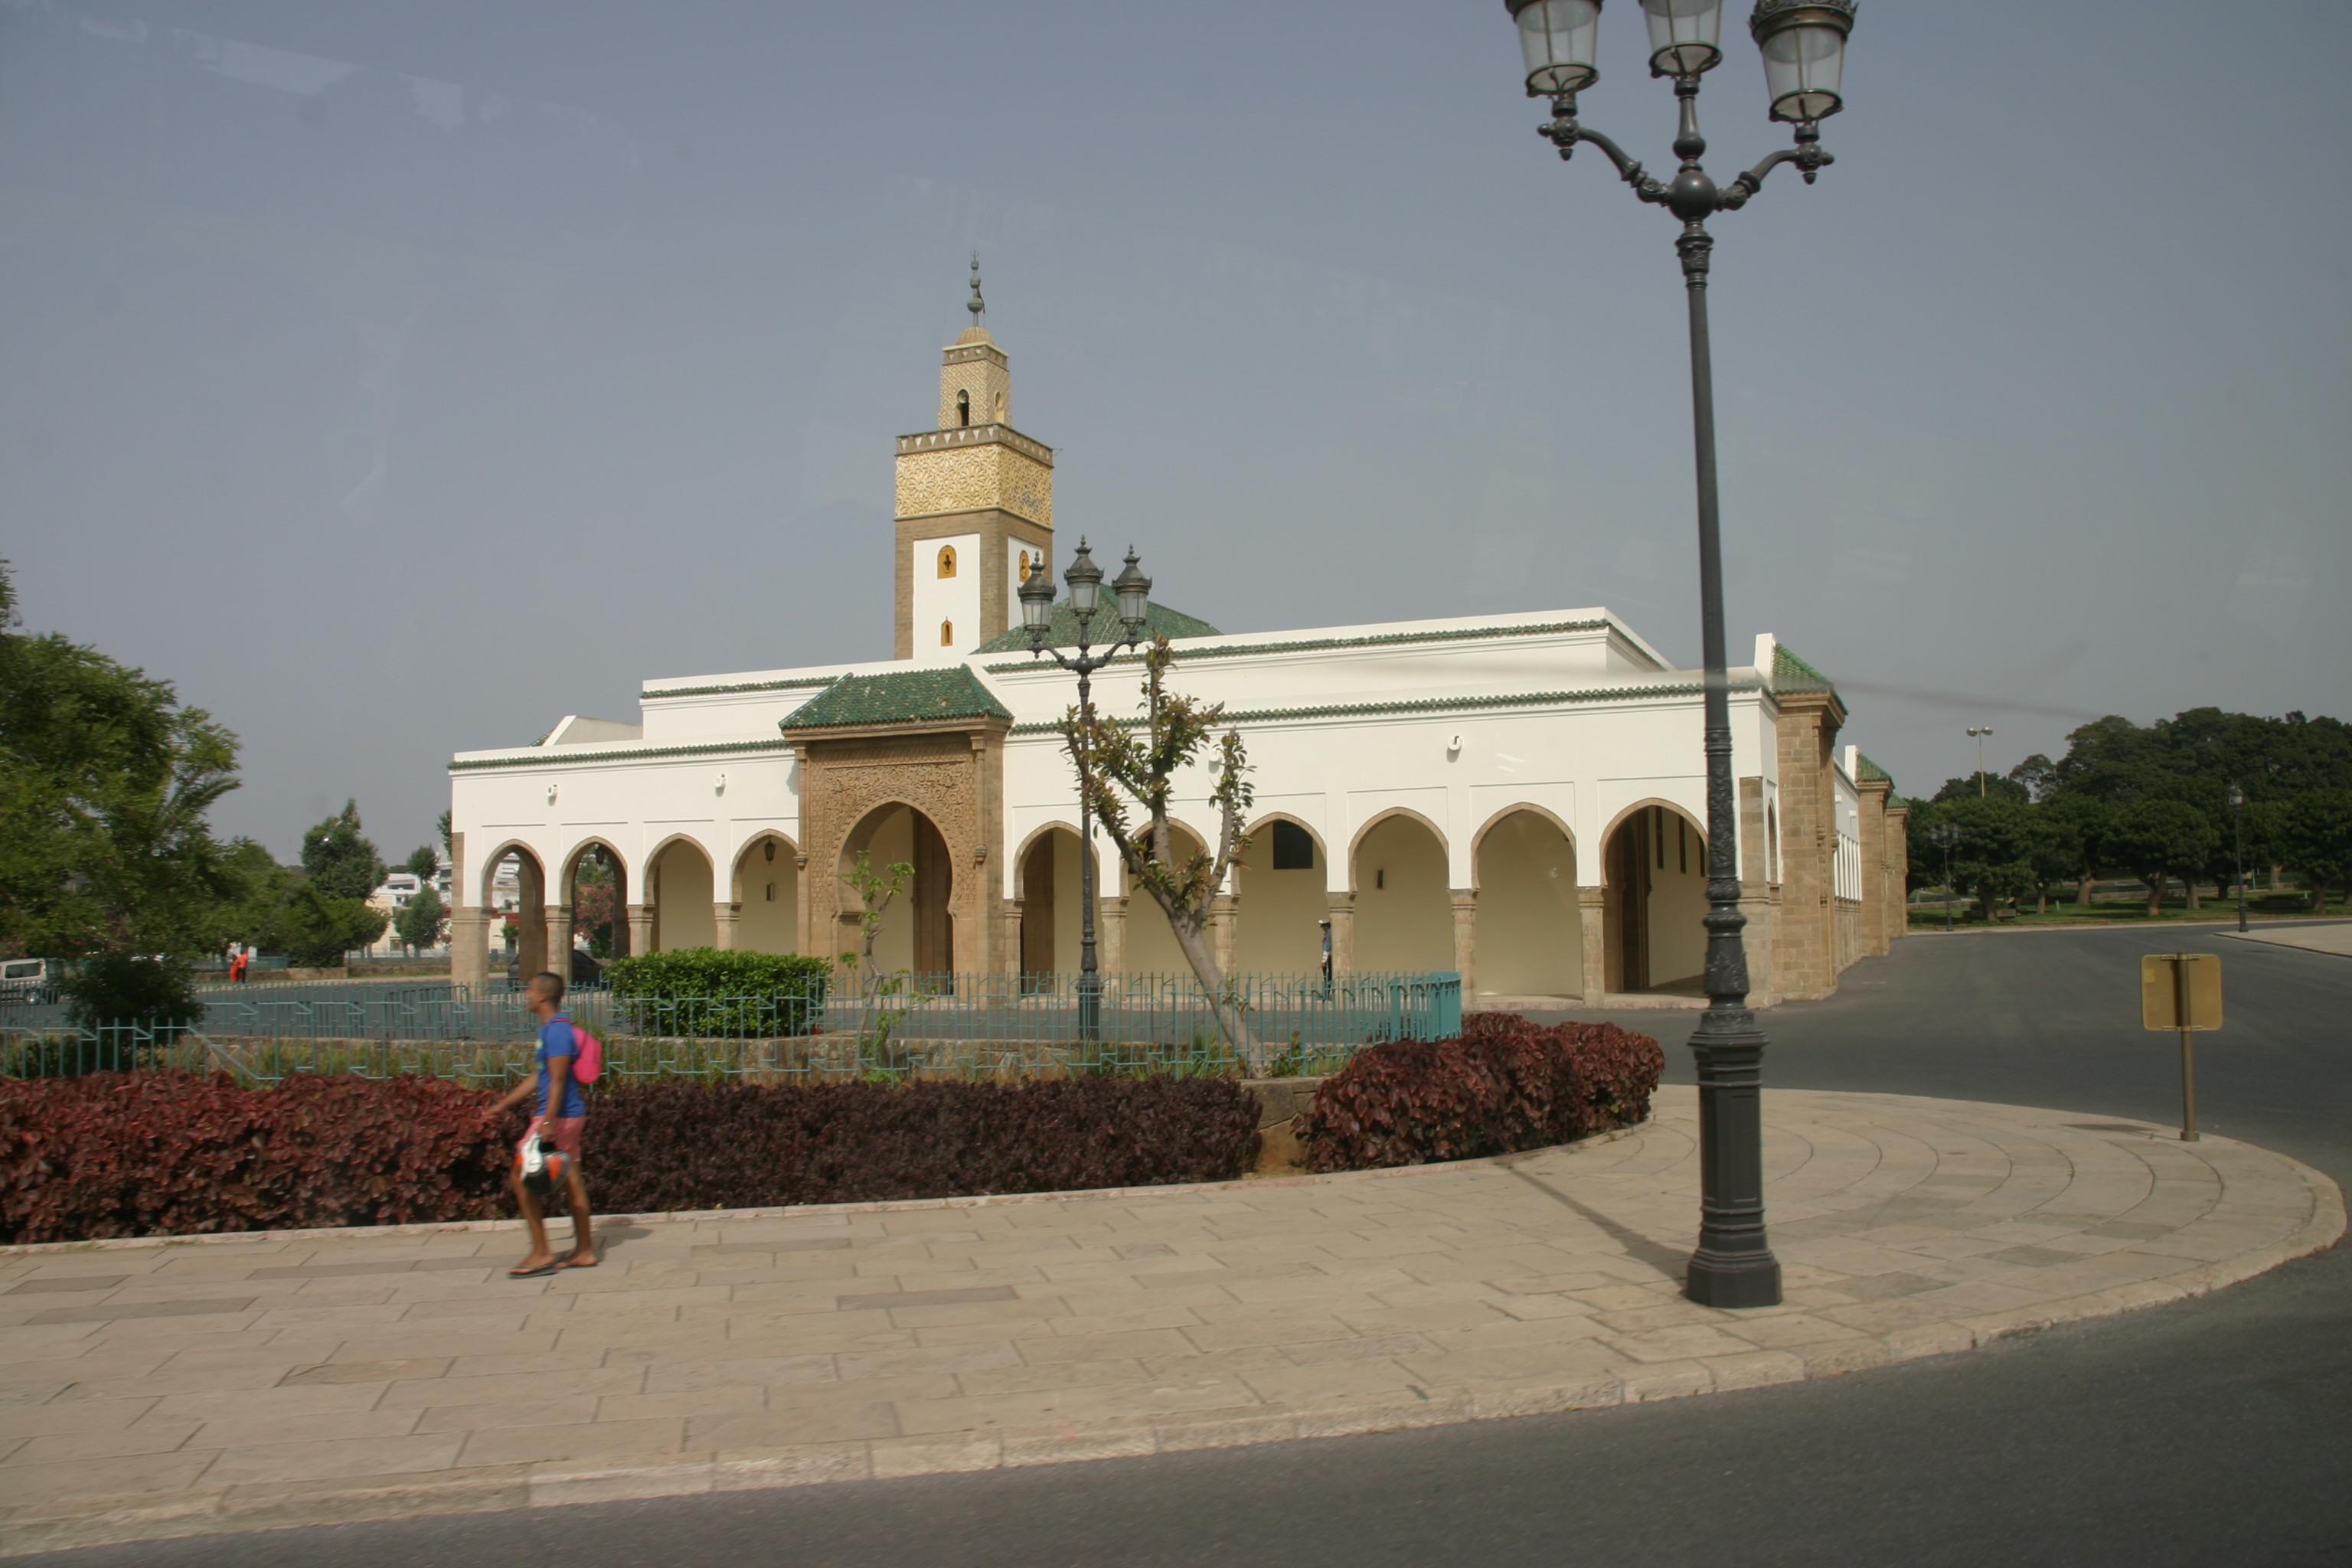 A központi királyi mecset Rabatban. <br />A jelenlegi Alavita dinasztia (17. sz-óta uralja az országot) az Idrisz és Szádi dinasztiákhoz hasonlóan szintén Mohamed próféta leszármazottja: a próféta lányának Fatimának és férjének Alinak a vérvonala.